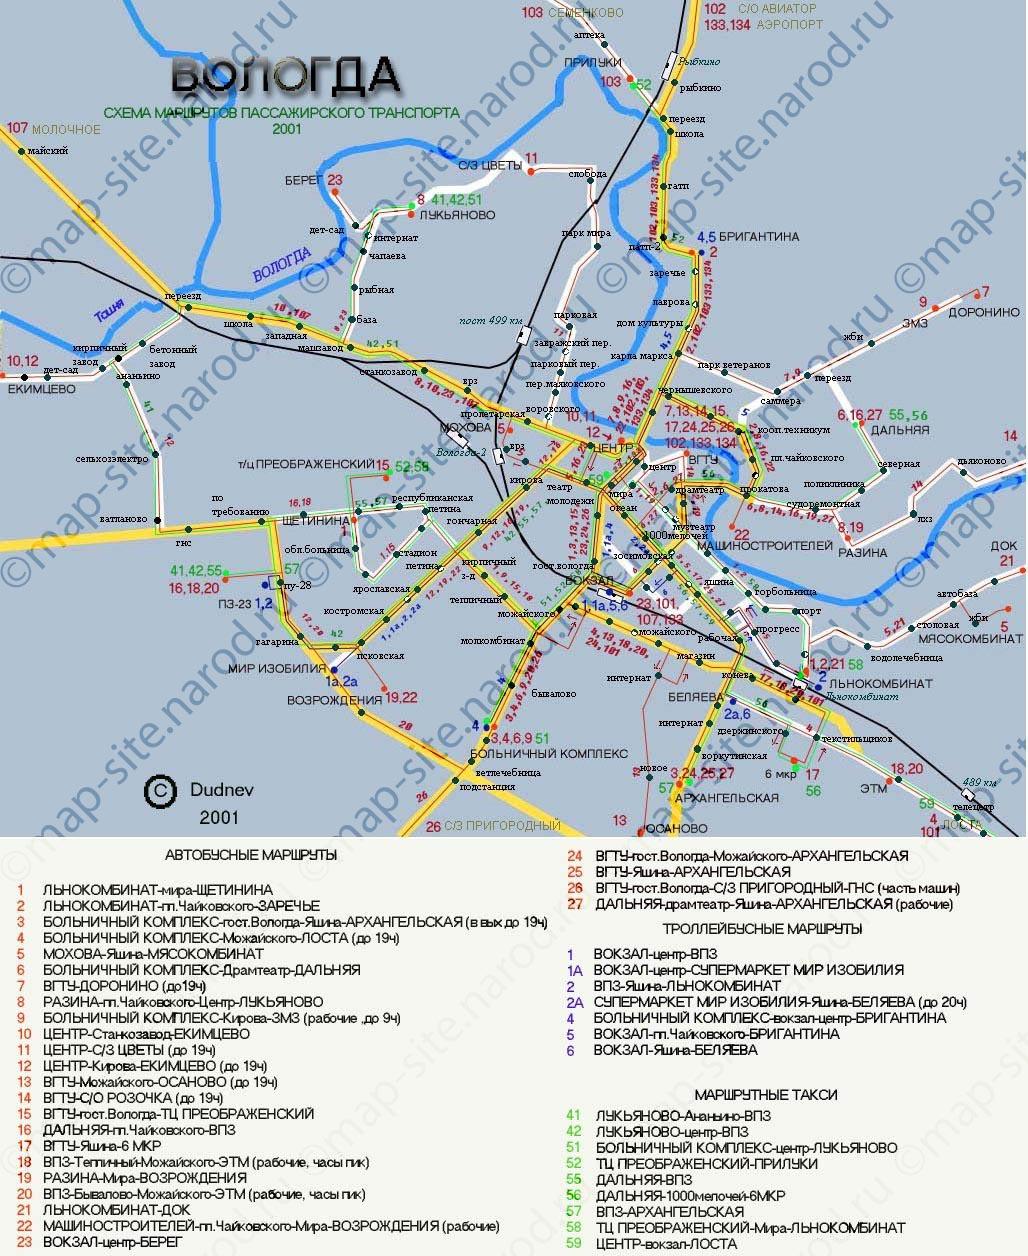 карта маршрутов автобусов город вологда.